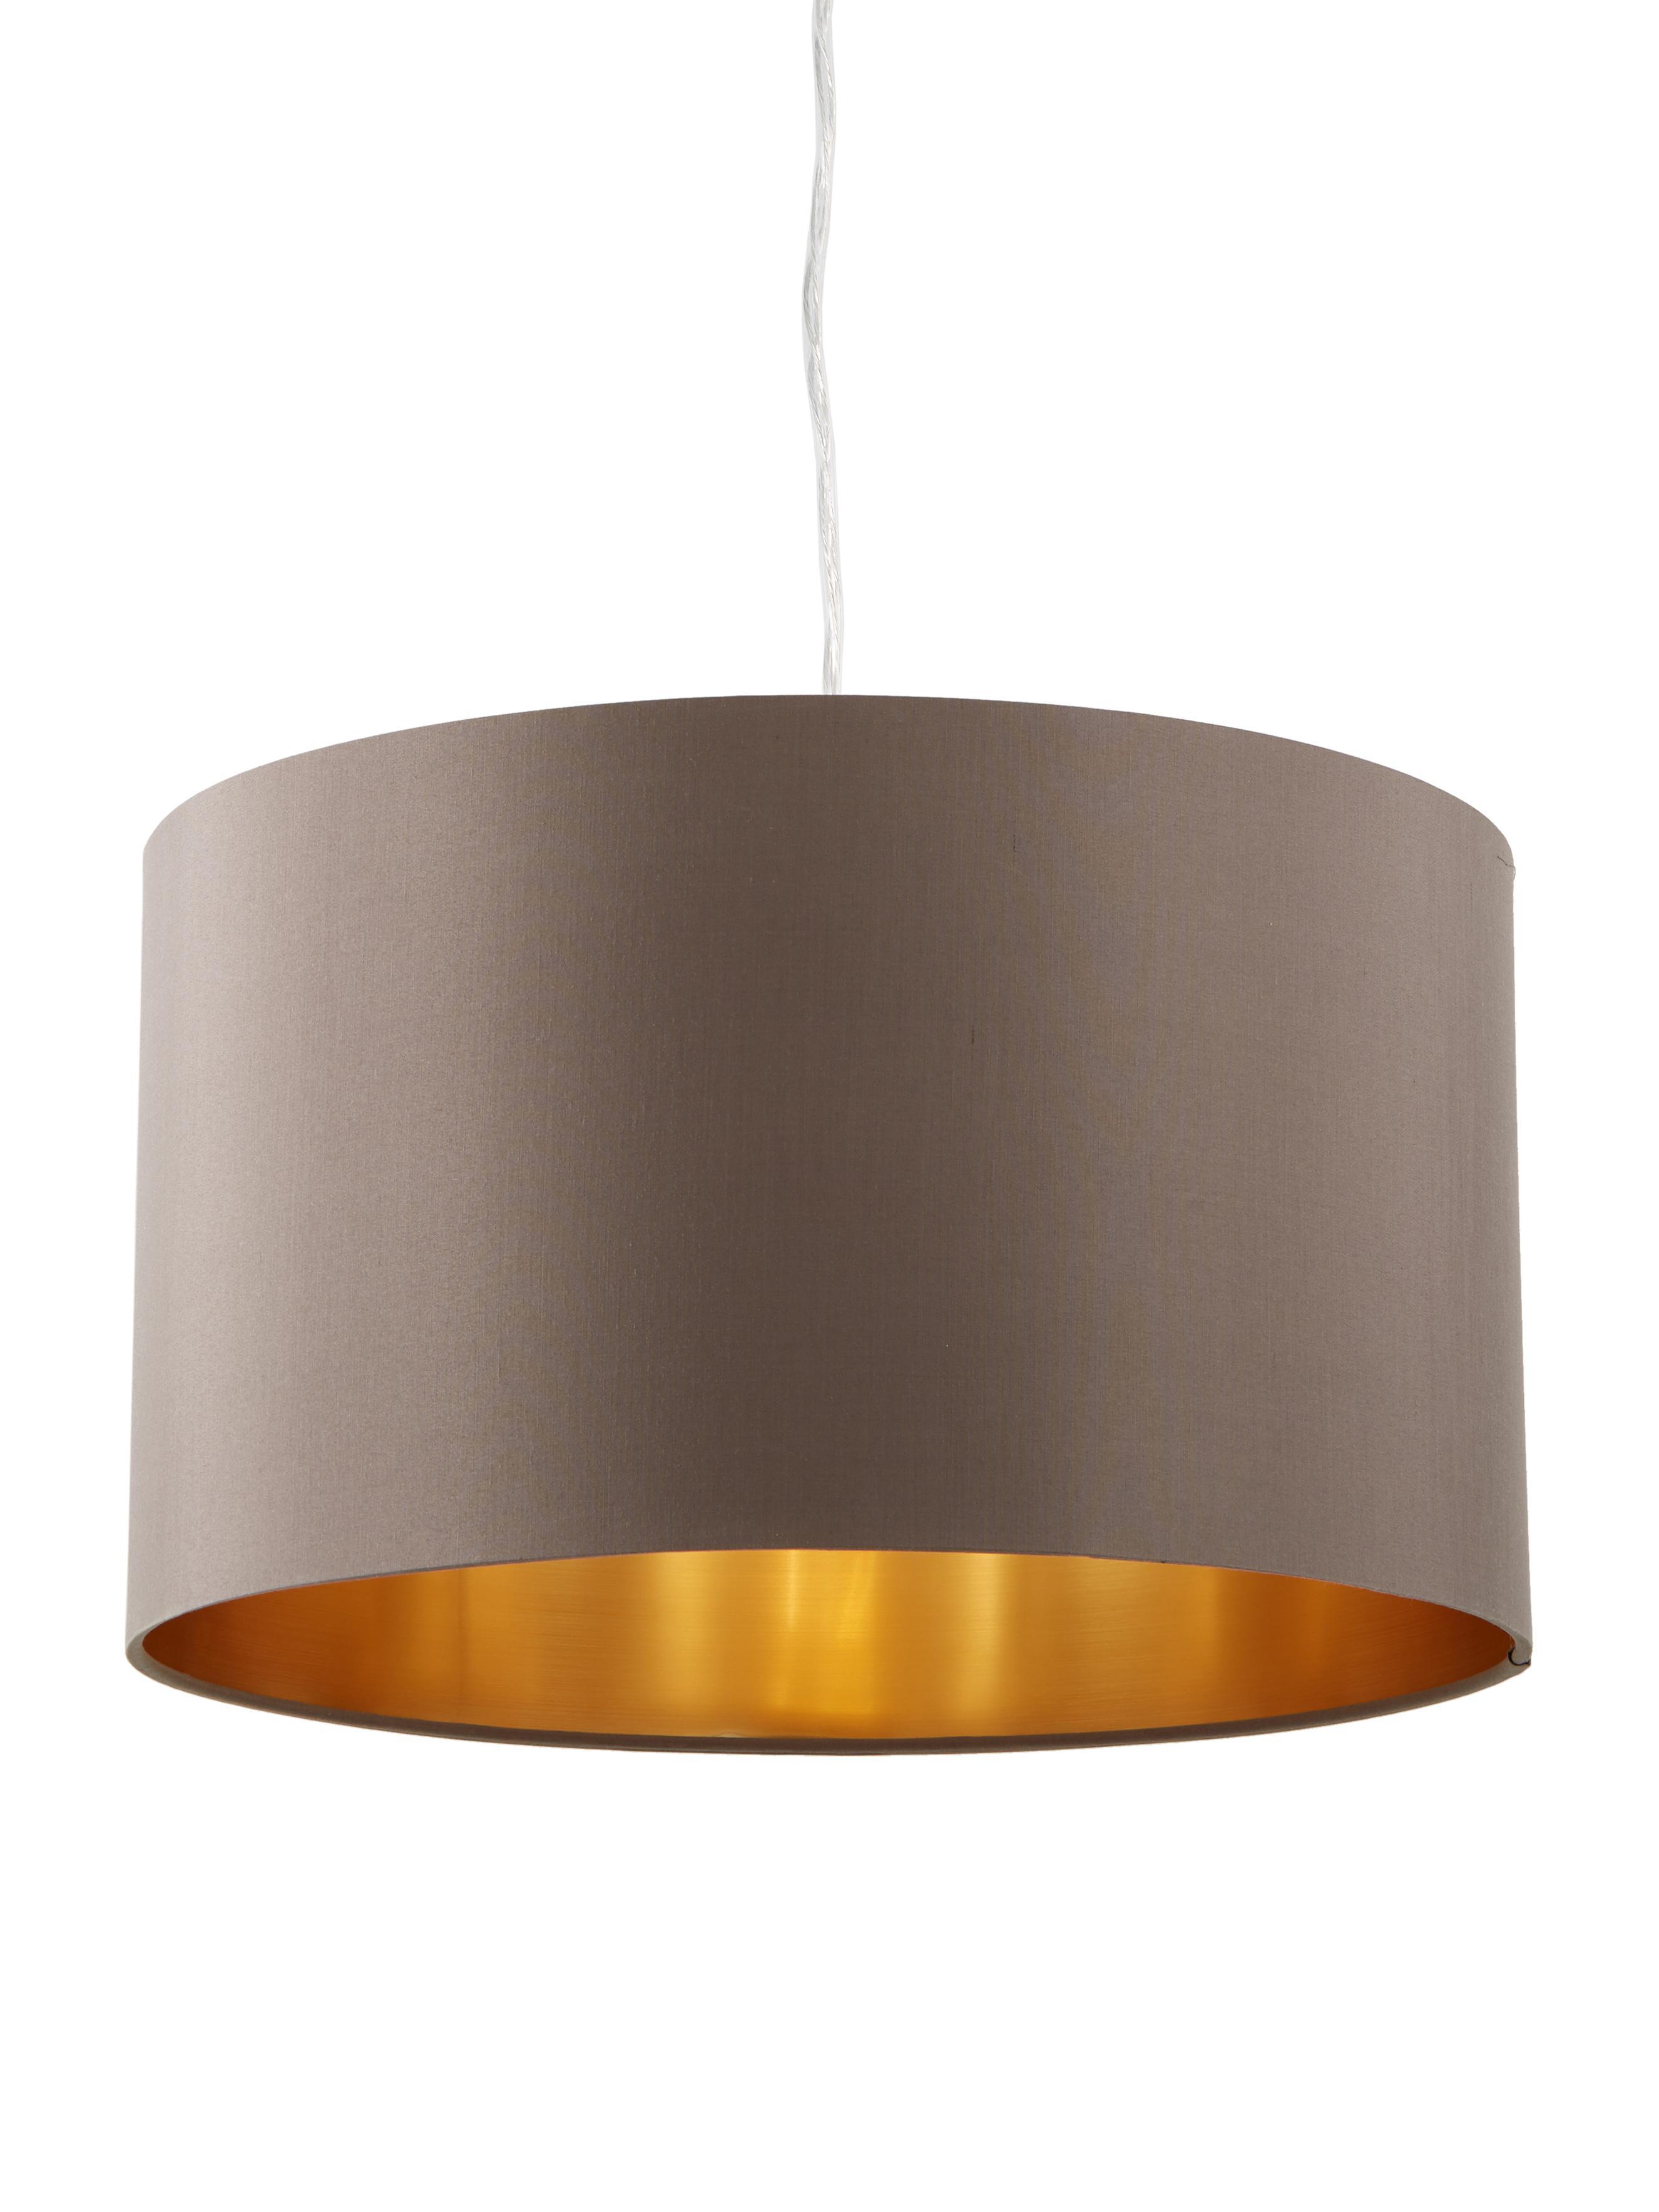 Pendelleuchte Jamie, Baldachin: Metall, vernickelt, Silberfarben, Grau-Beige, ∅ 38 x H 23 cm